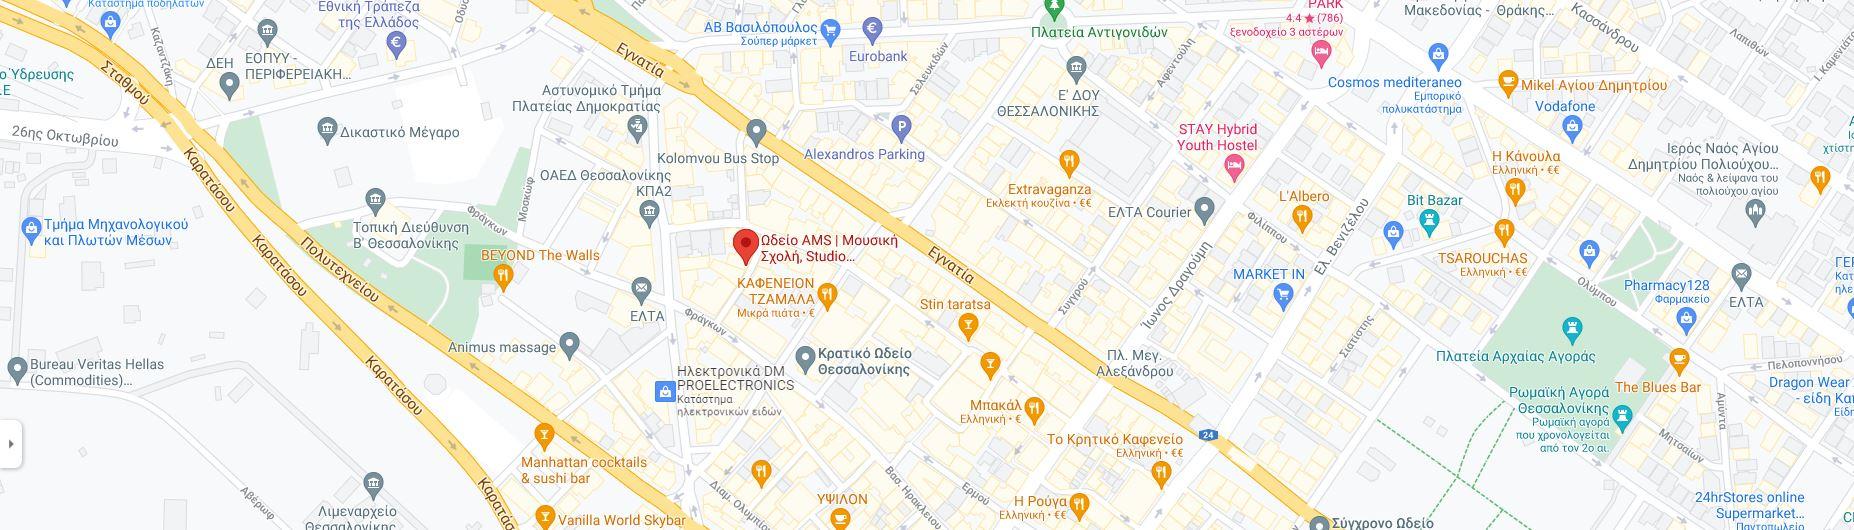 Ωδείο AMS Θεσσαλονίκη - Google maps